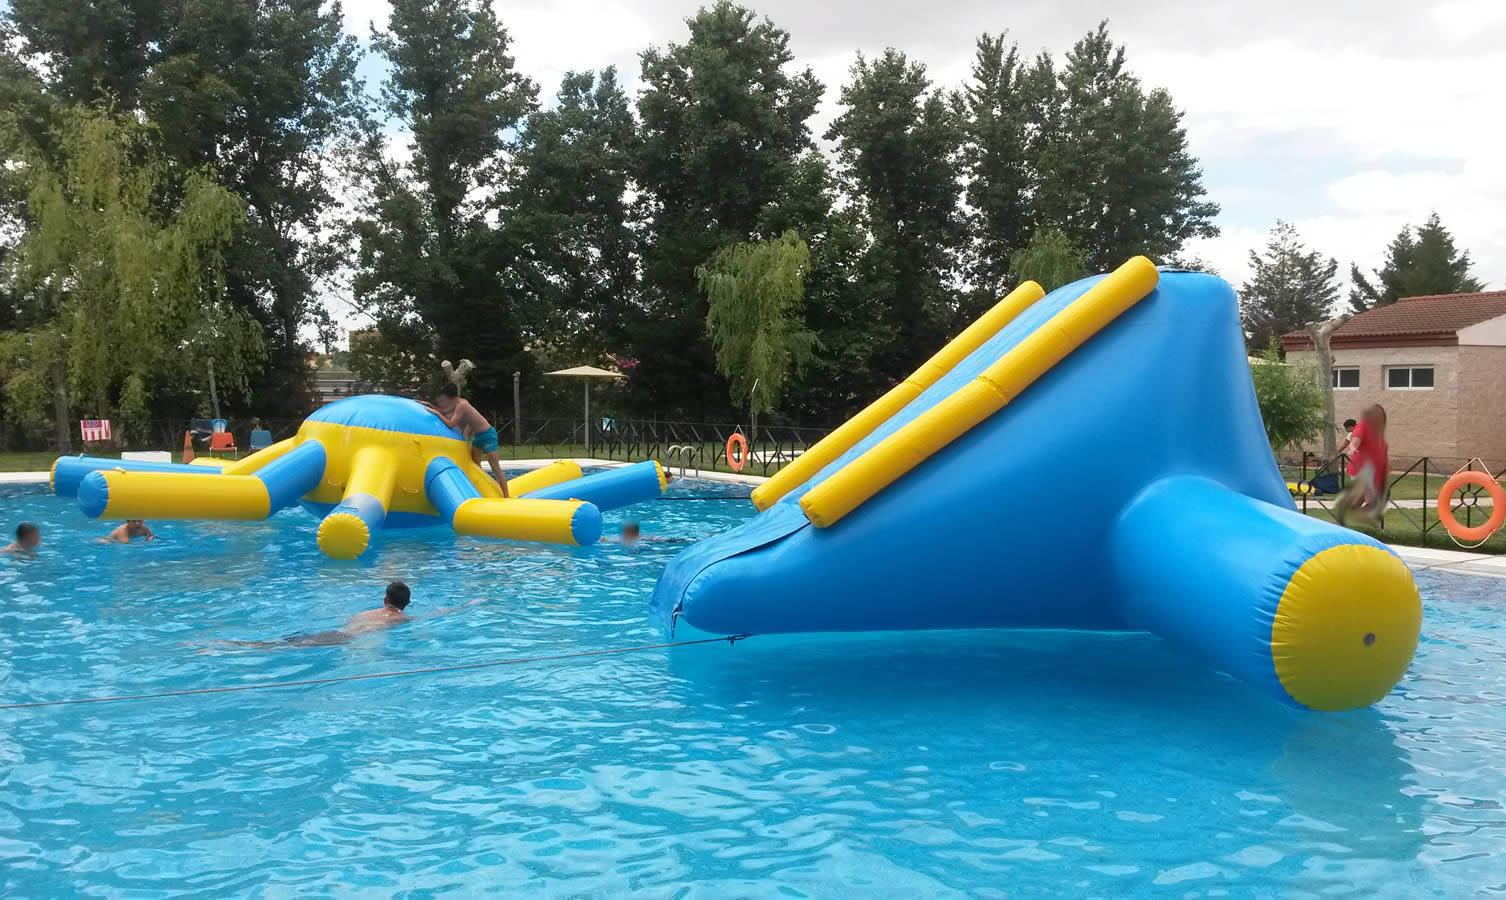 Flotadores hinchables acuáticos